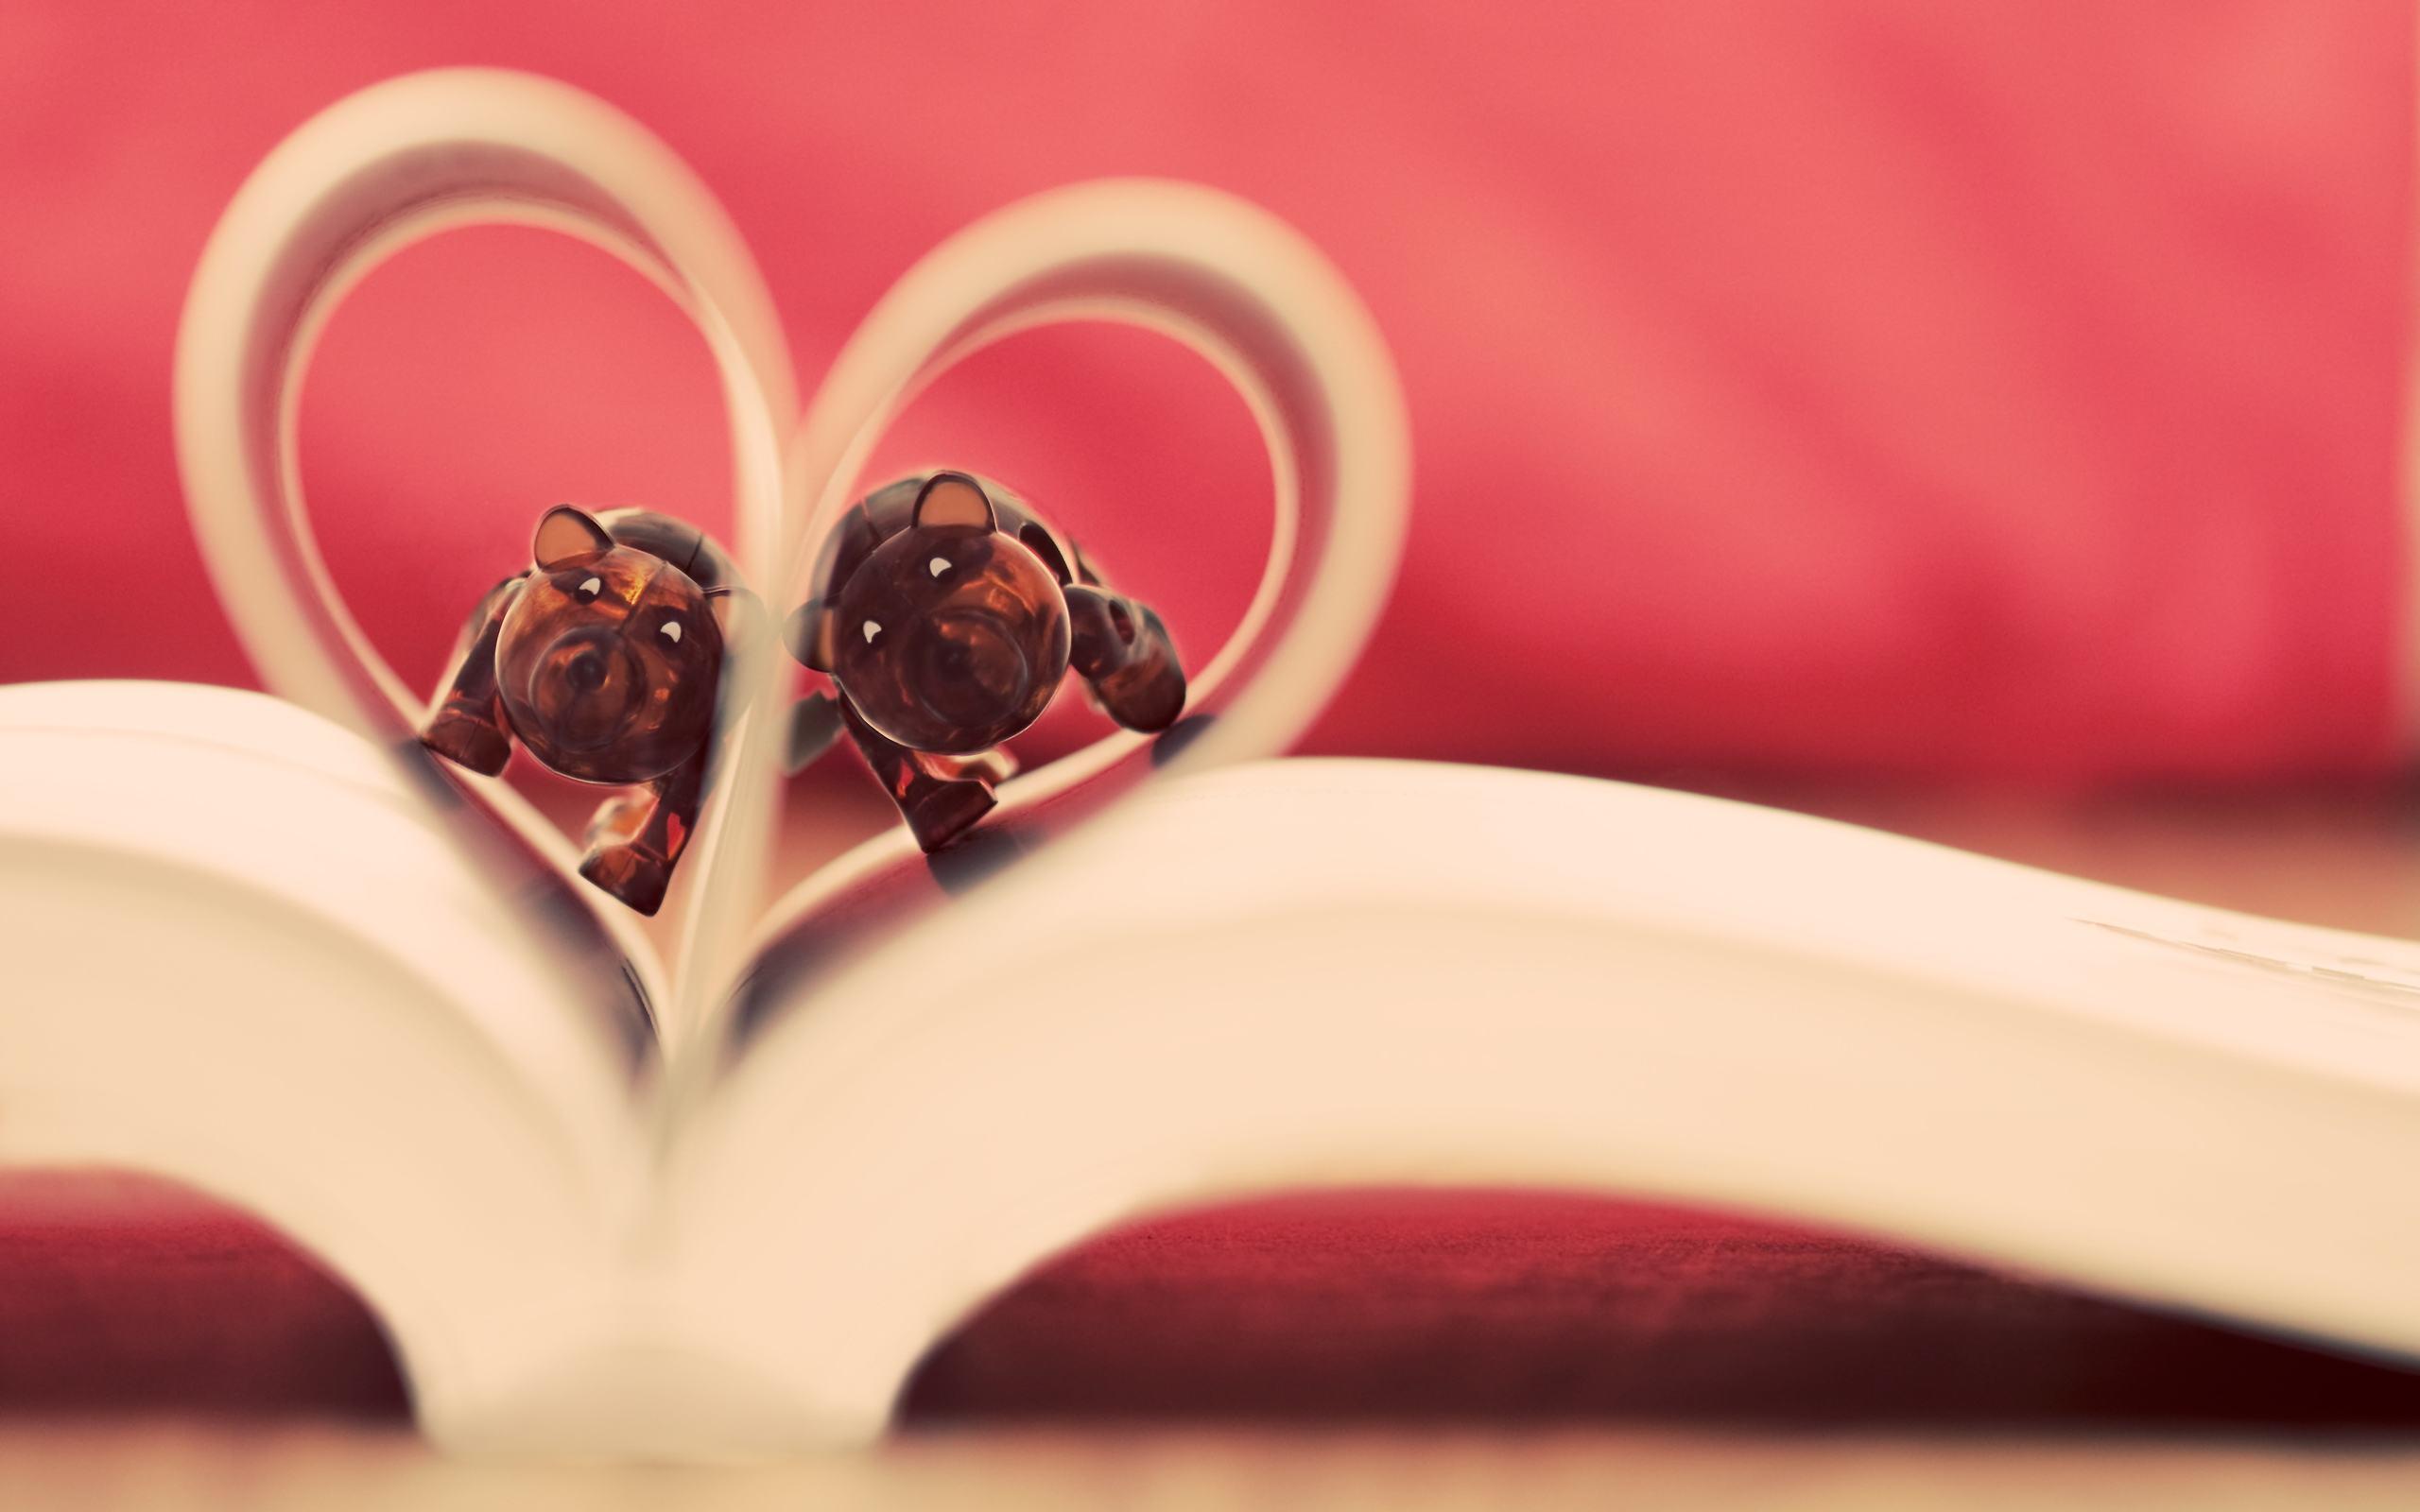 只有爱情的婚姻会美满吗?